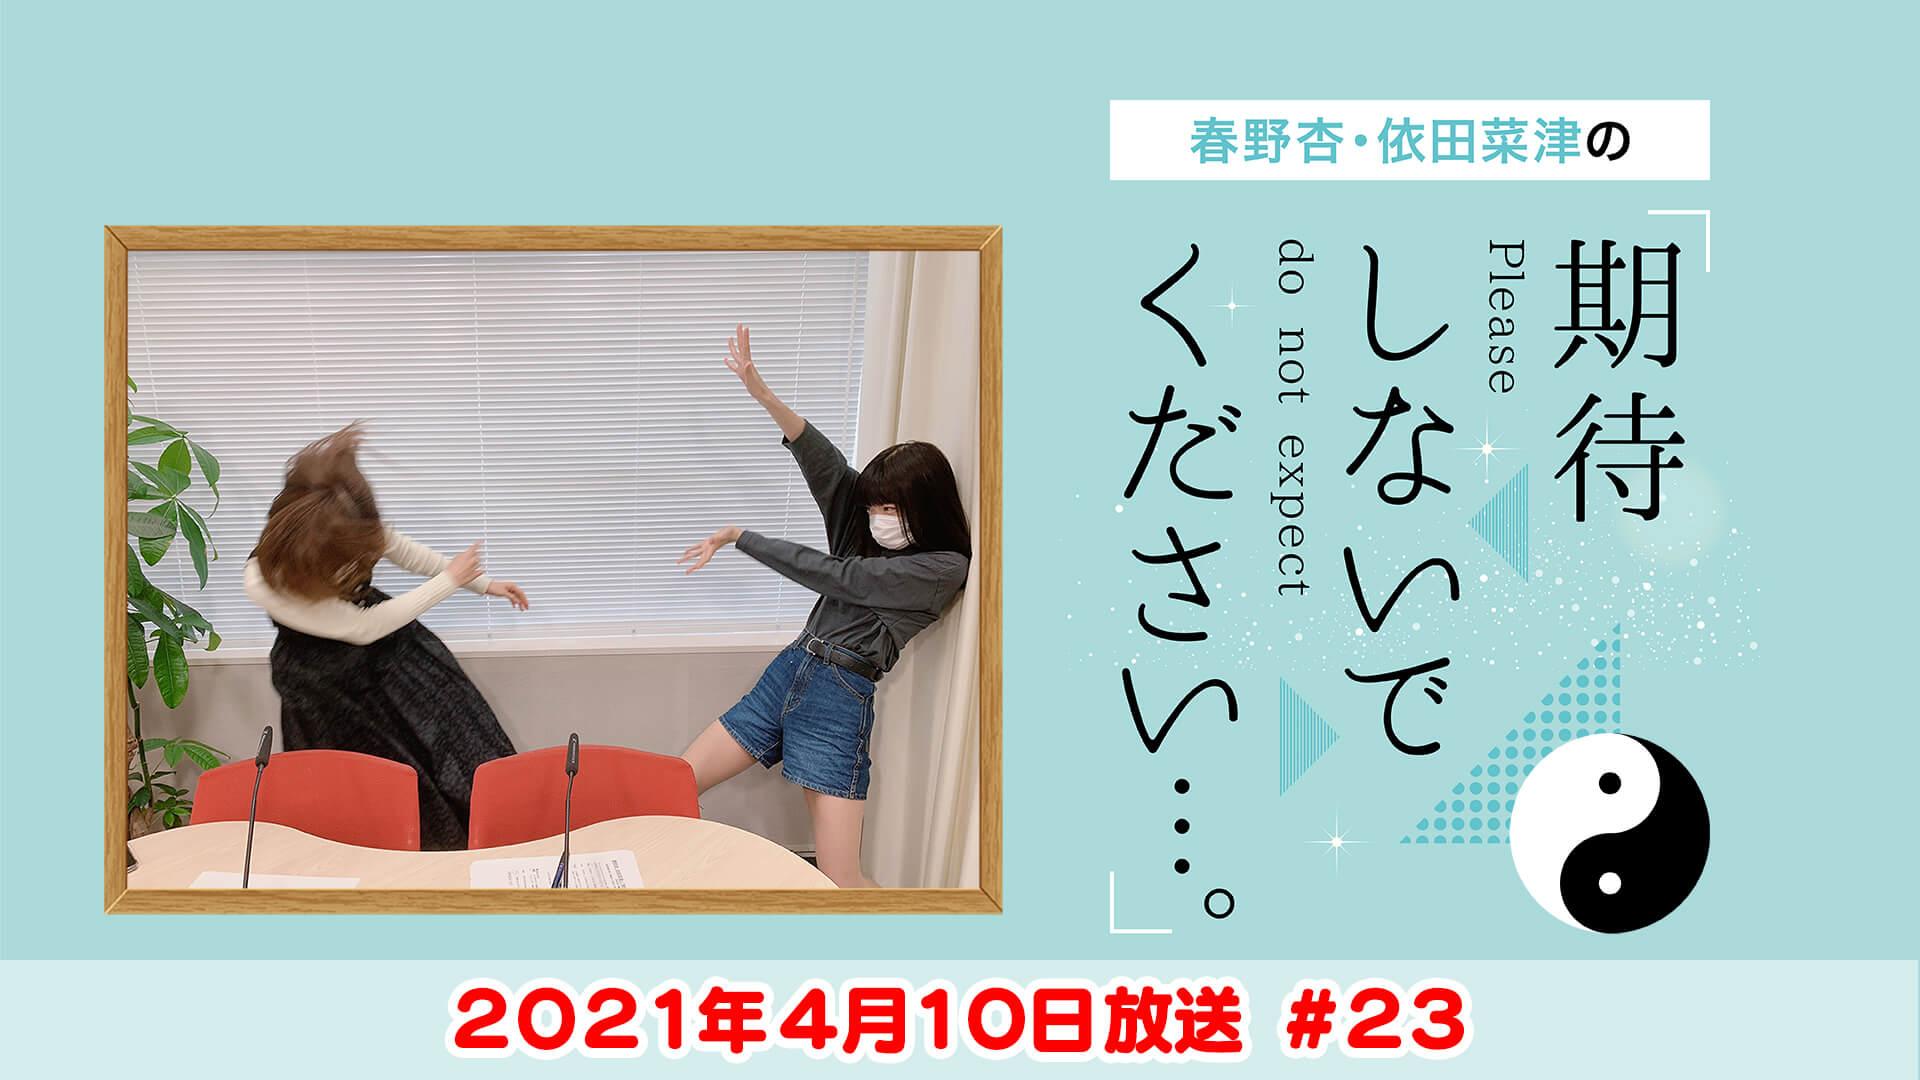 春野杏・依田菜津の「期待しないでください…。」 #23 2021年4月10日放送